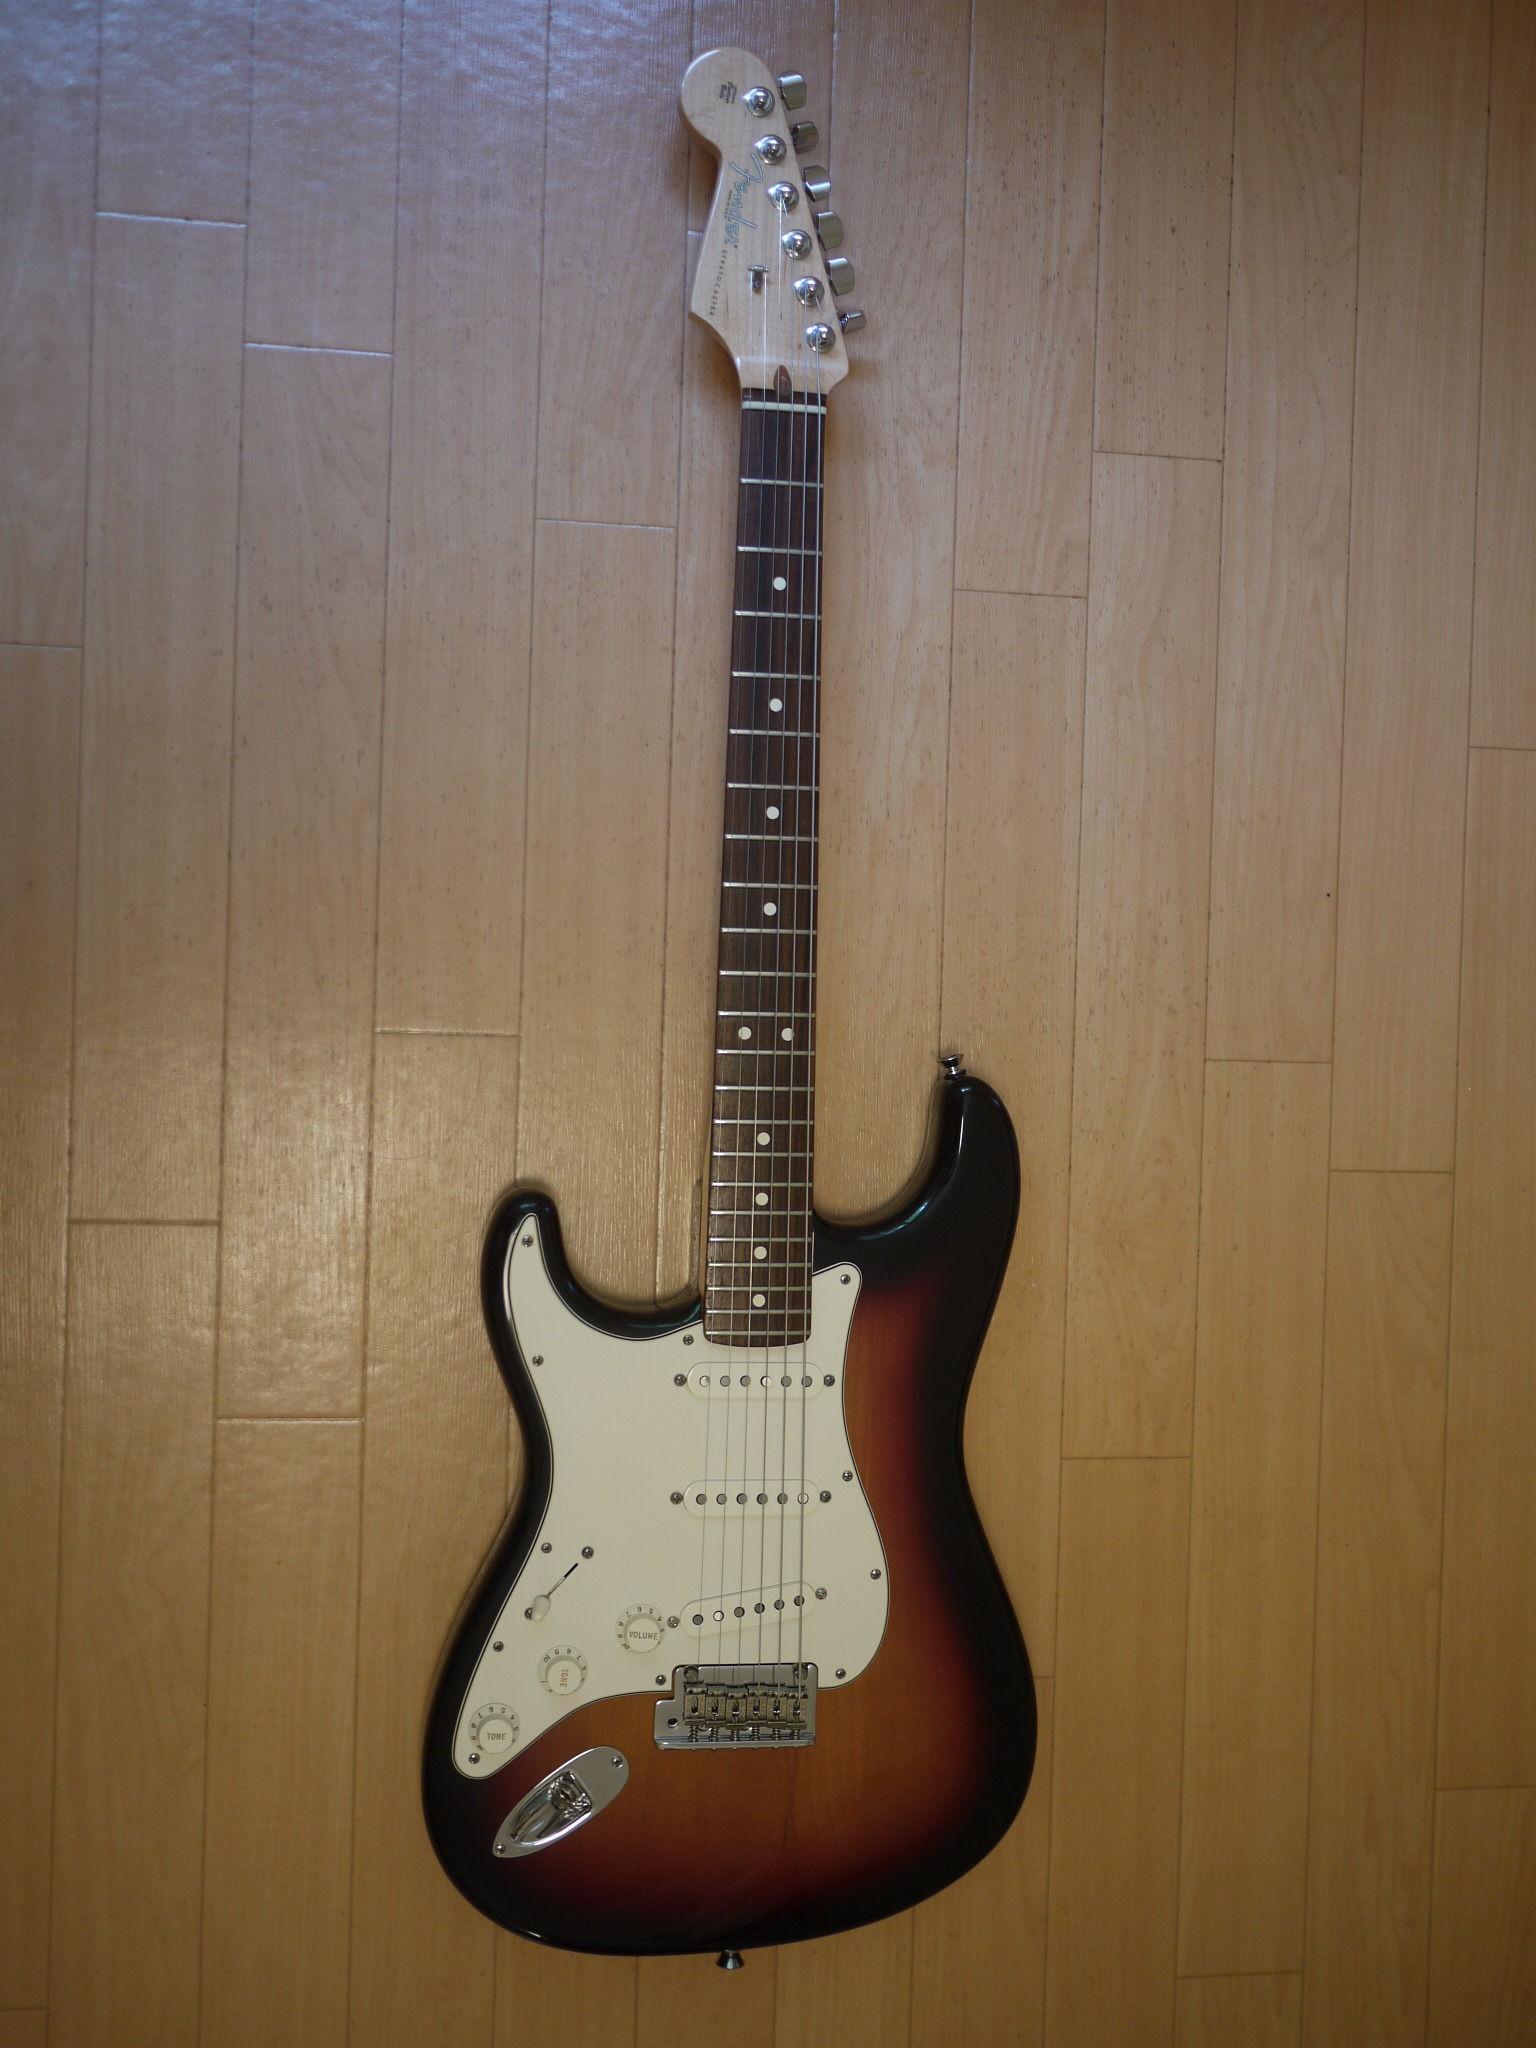 [セール]Fender USA American Standard Stratocaster LH レフティ